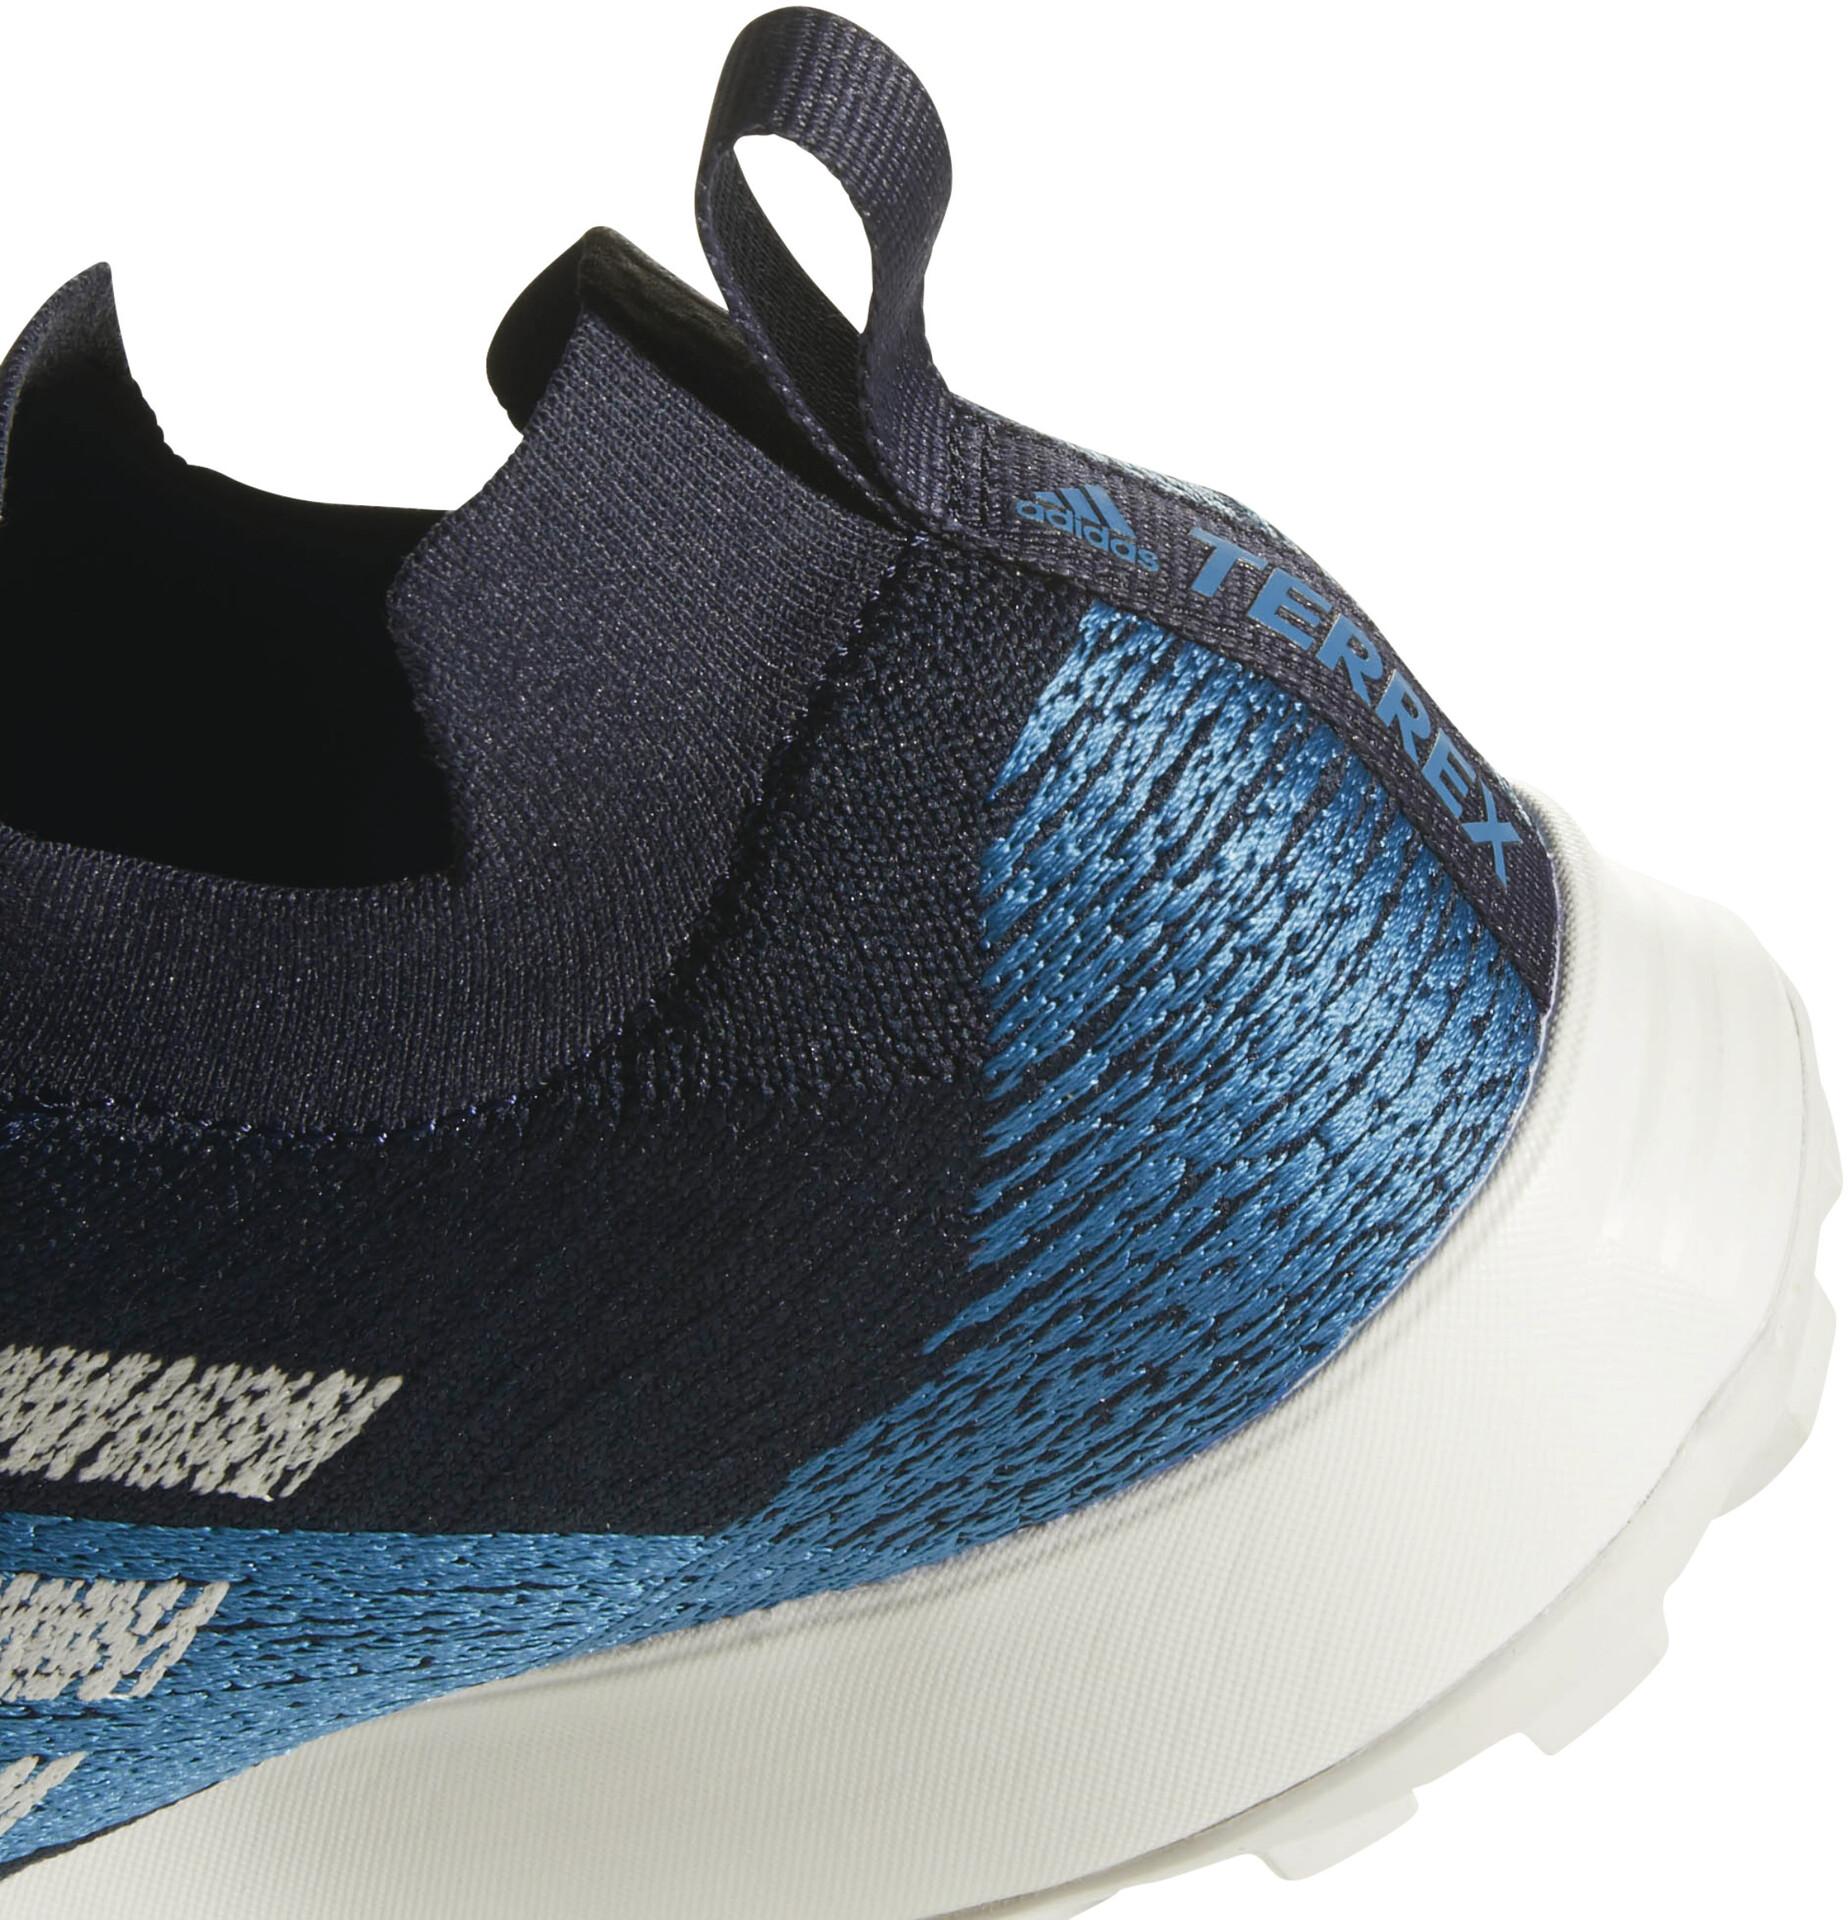 Trail Two Chaussures Parley De Onecore Blue Inkgrey HommeLegend Terrex Adidas kiPZOXTwu